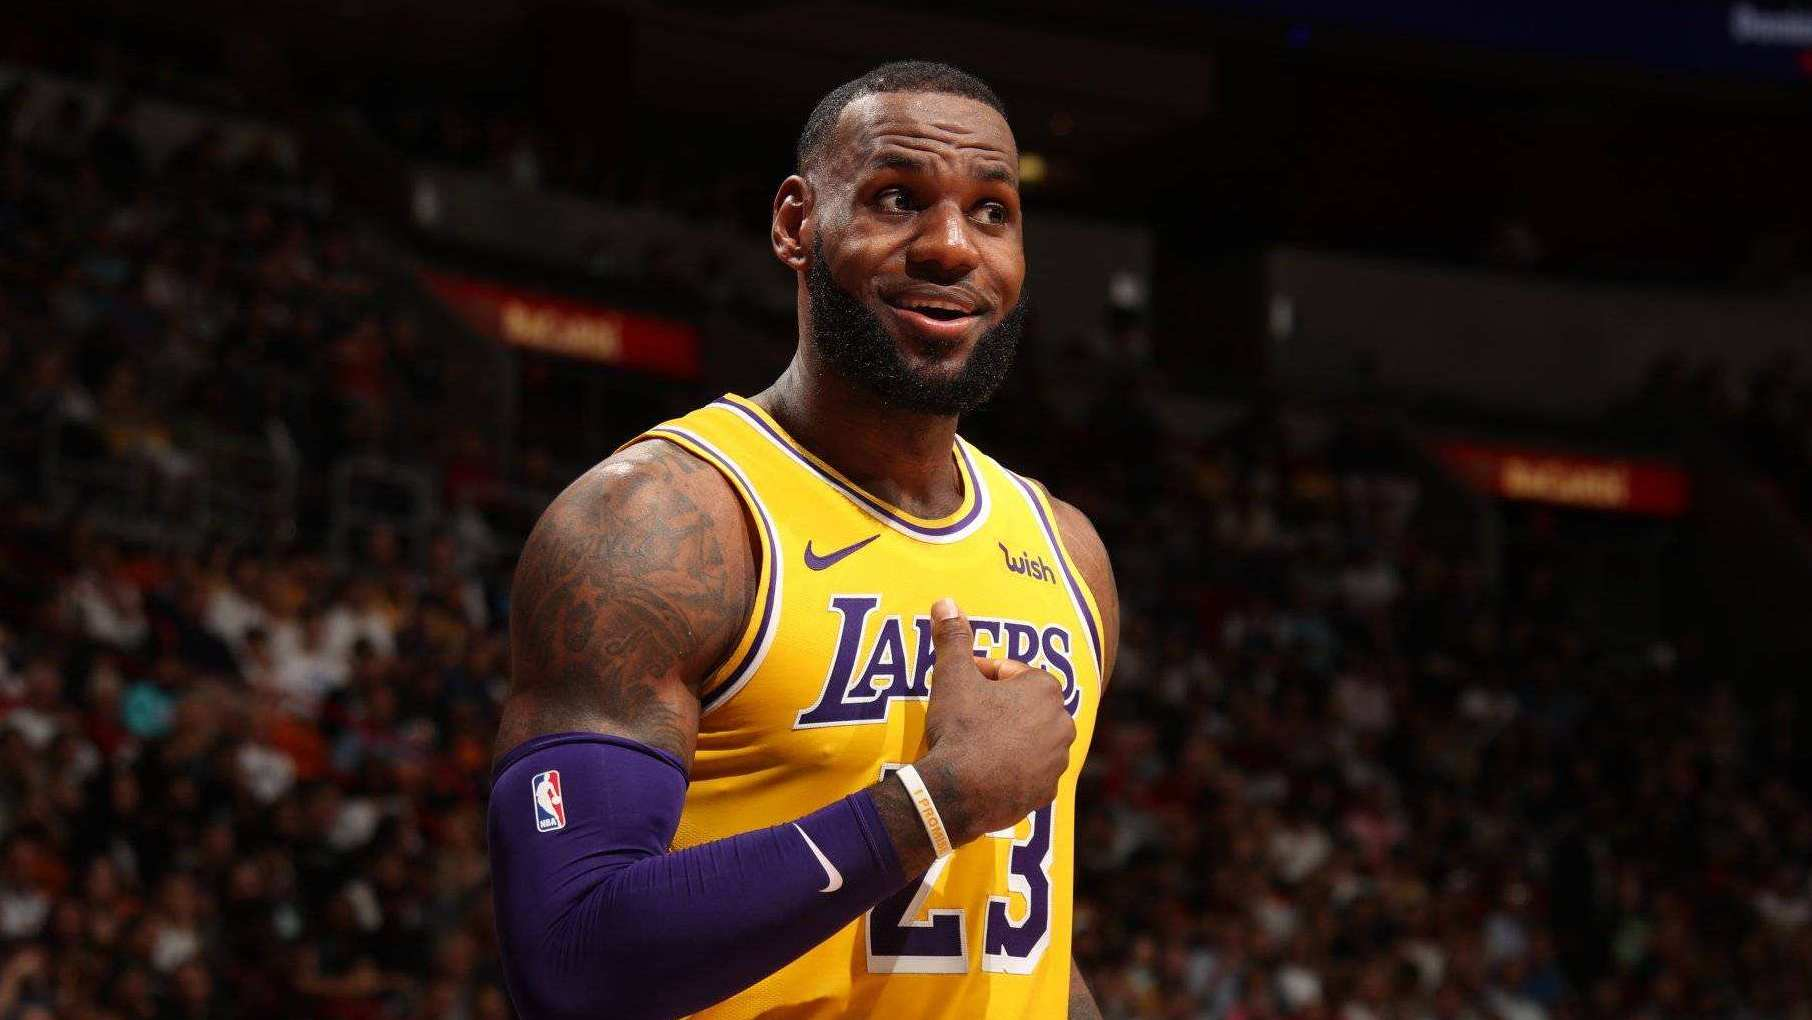 老瓜依旧很甜盘点安东尼最近五个赛季的精华瞬间_全景NBA